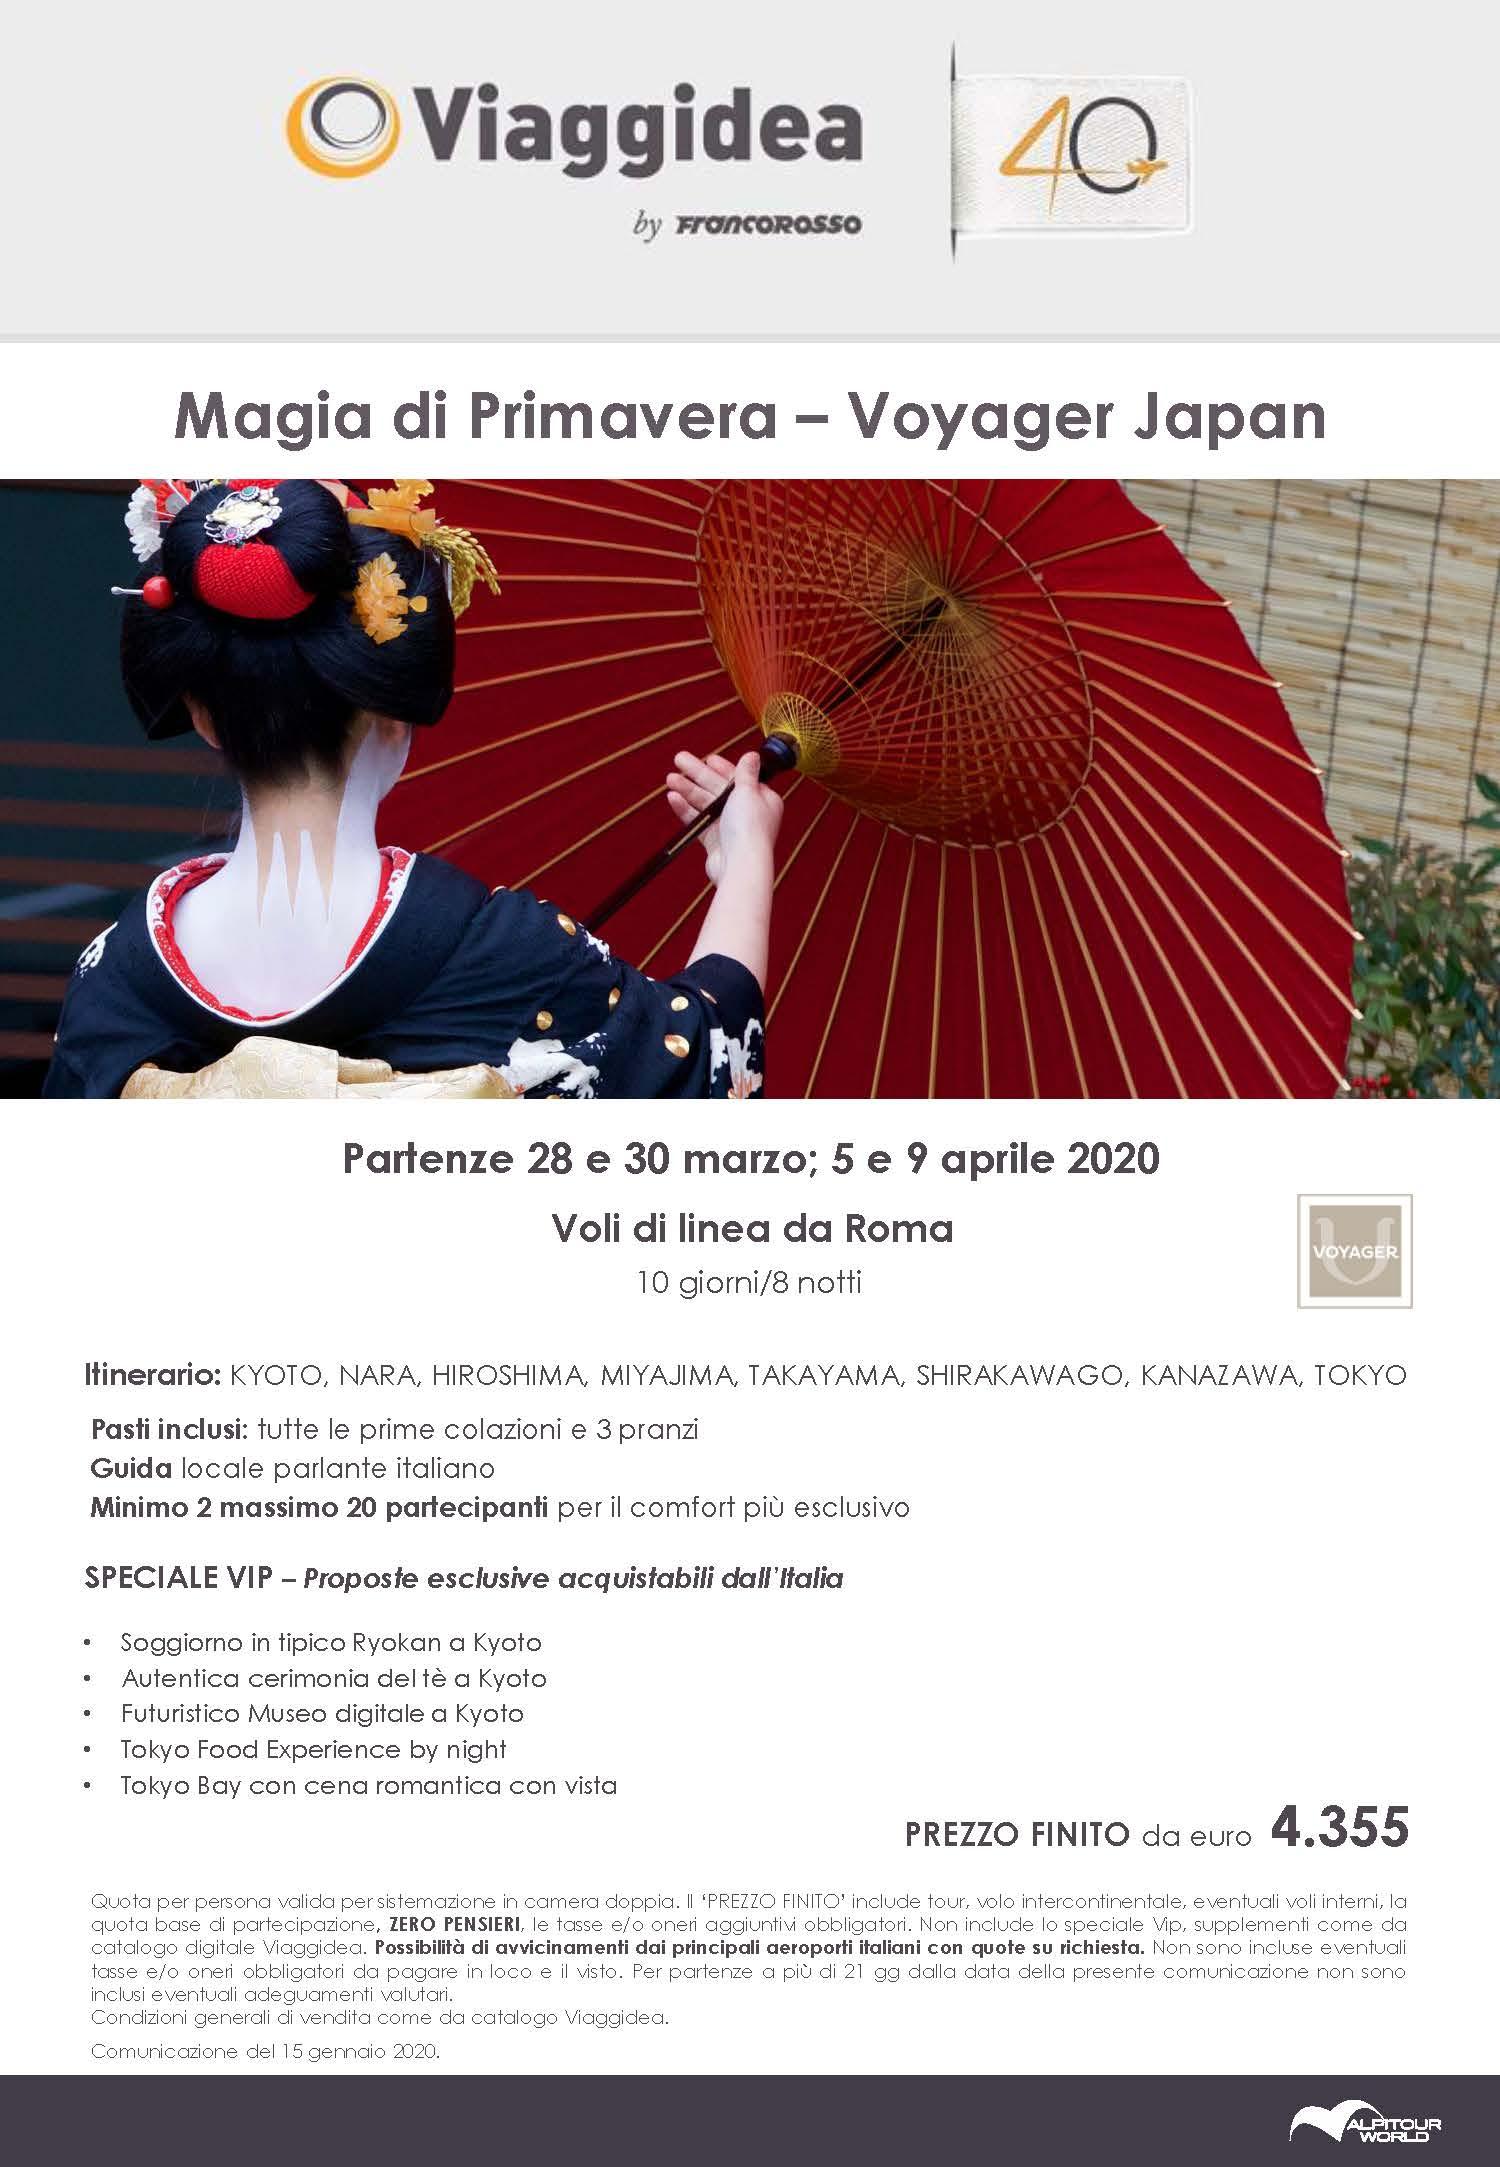 Voyager japan_Pagina_2